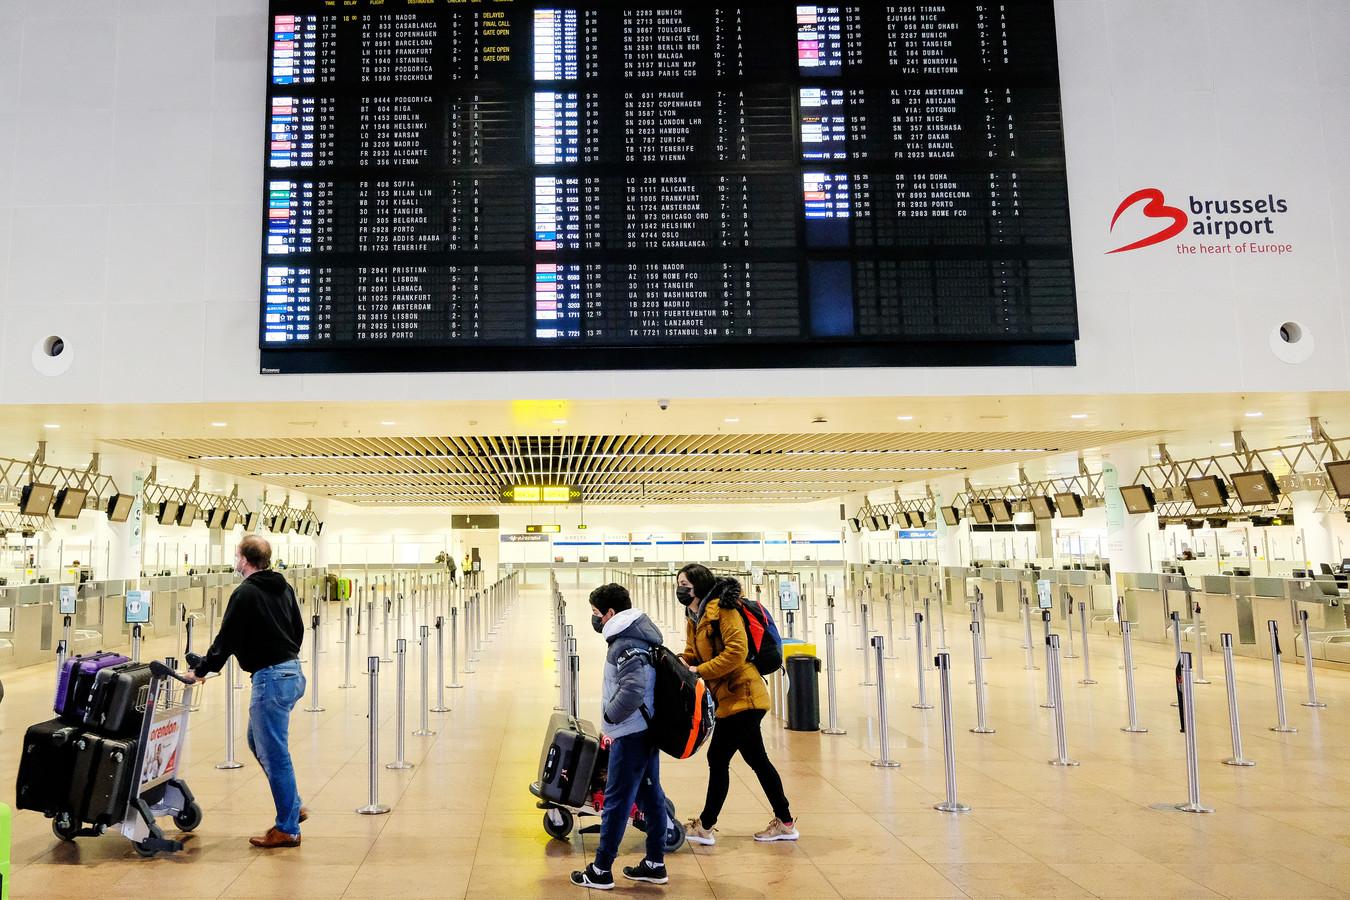 De man zocht actief naar doelwitten op de luchthaven